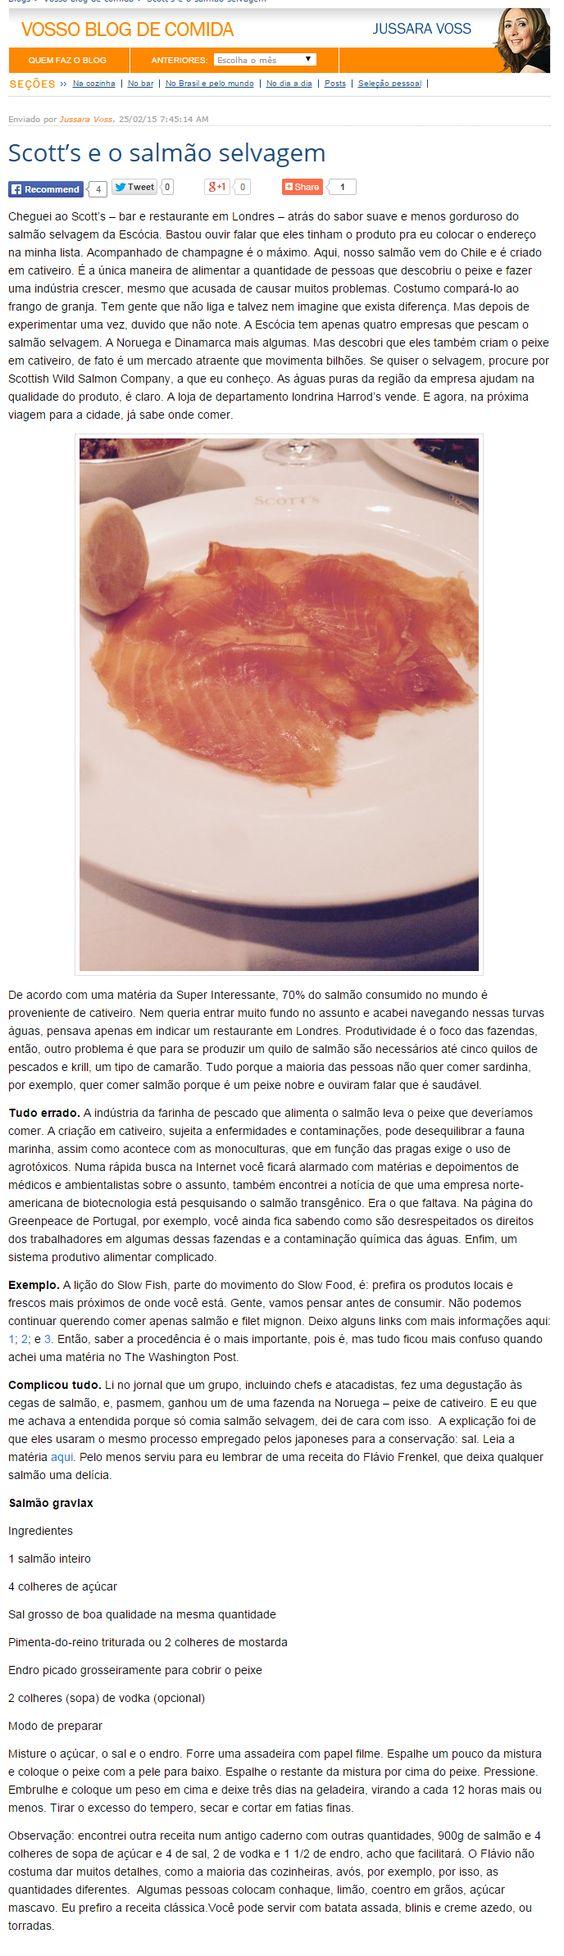 Gazeta do Povo Online - 25/02/2015 Scott's e o salmão selvagem